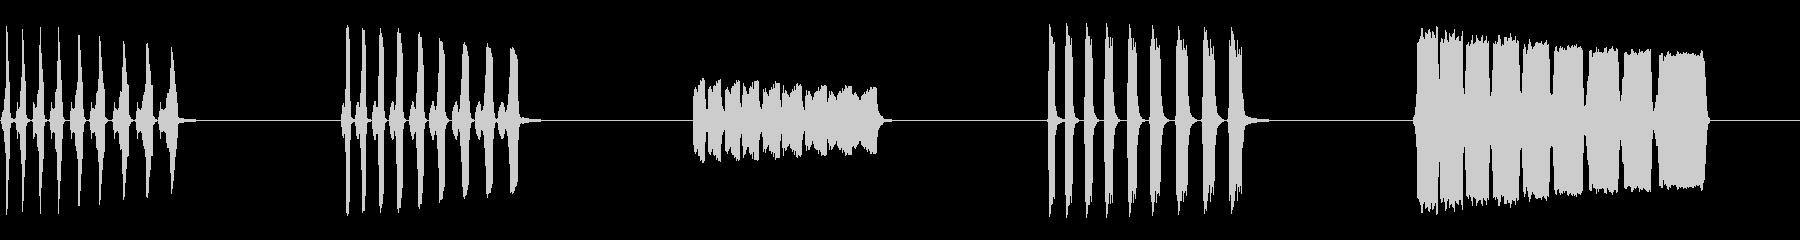 漫画-がっかりしたトランペット-5...の未再生の波形